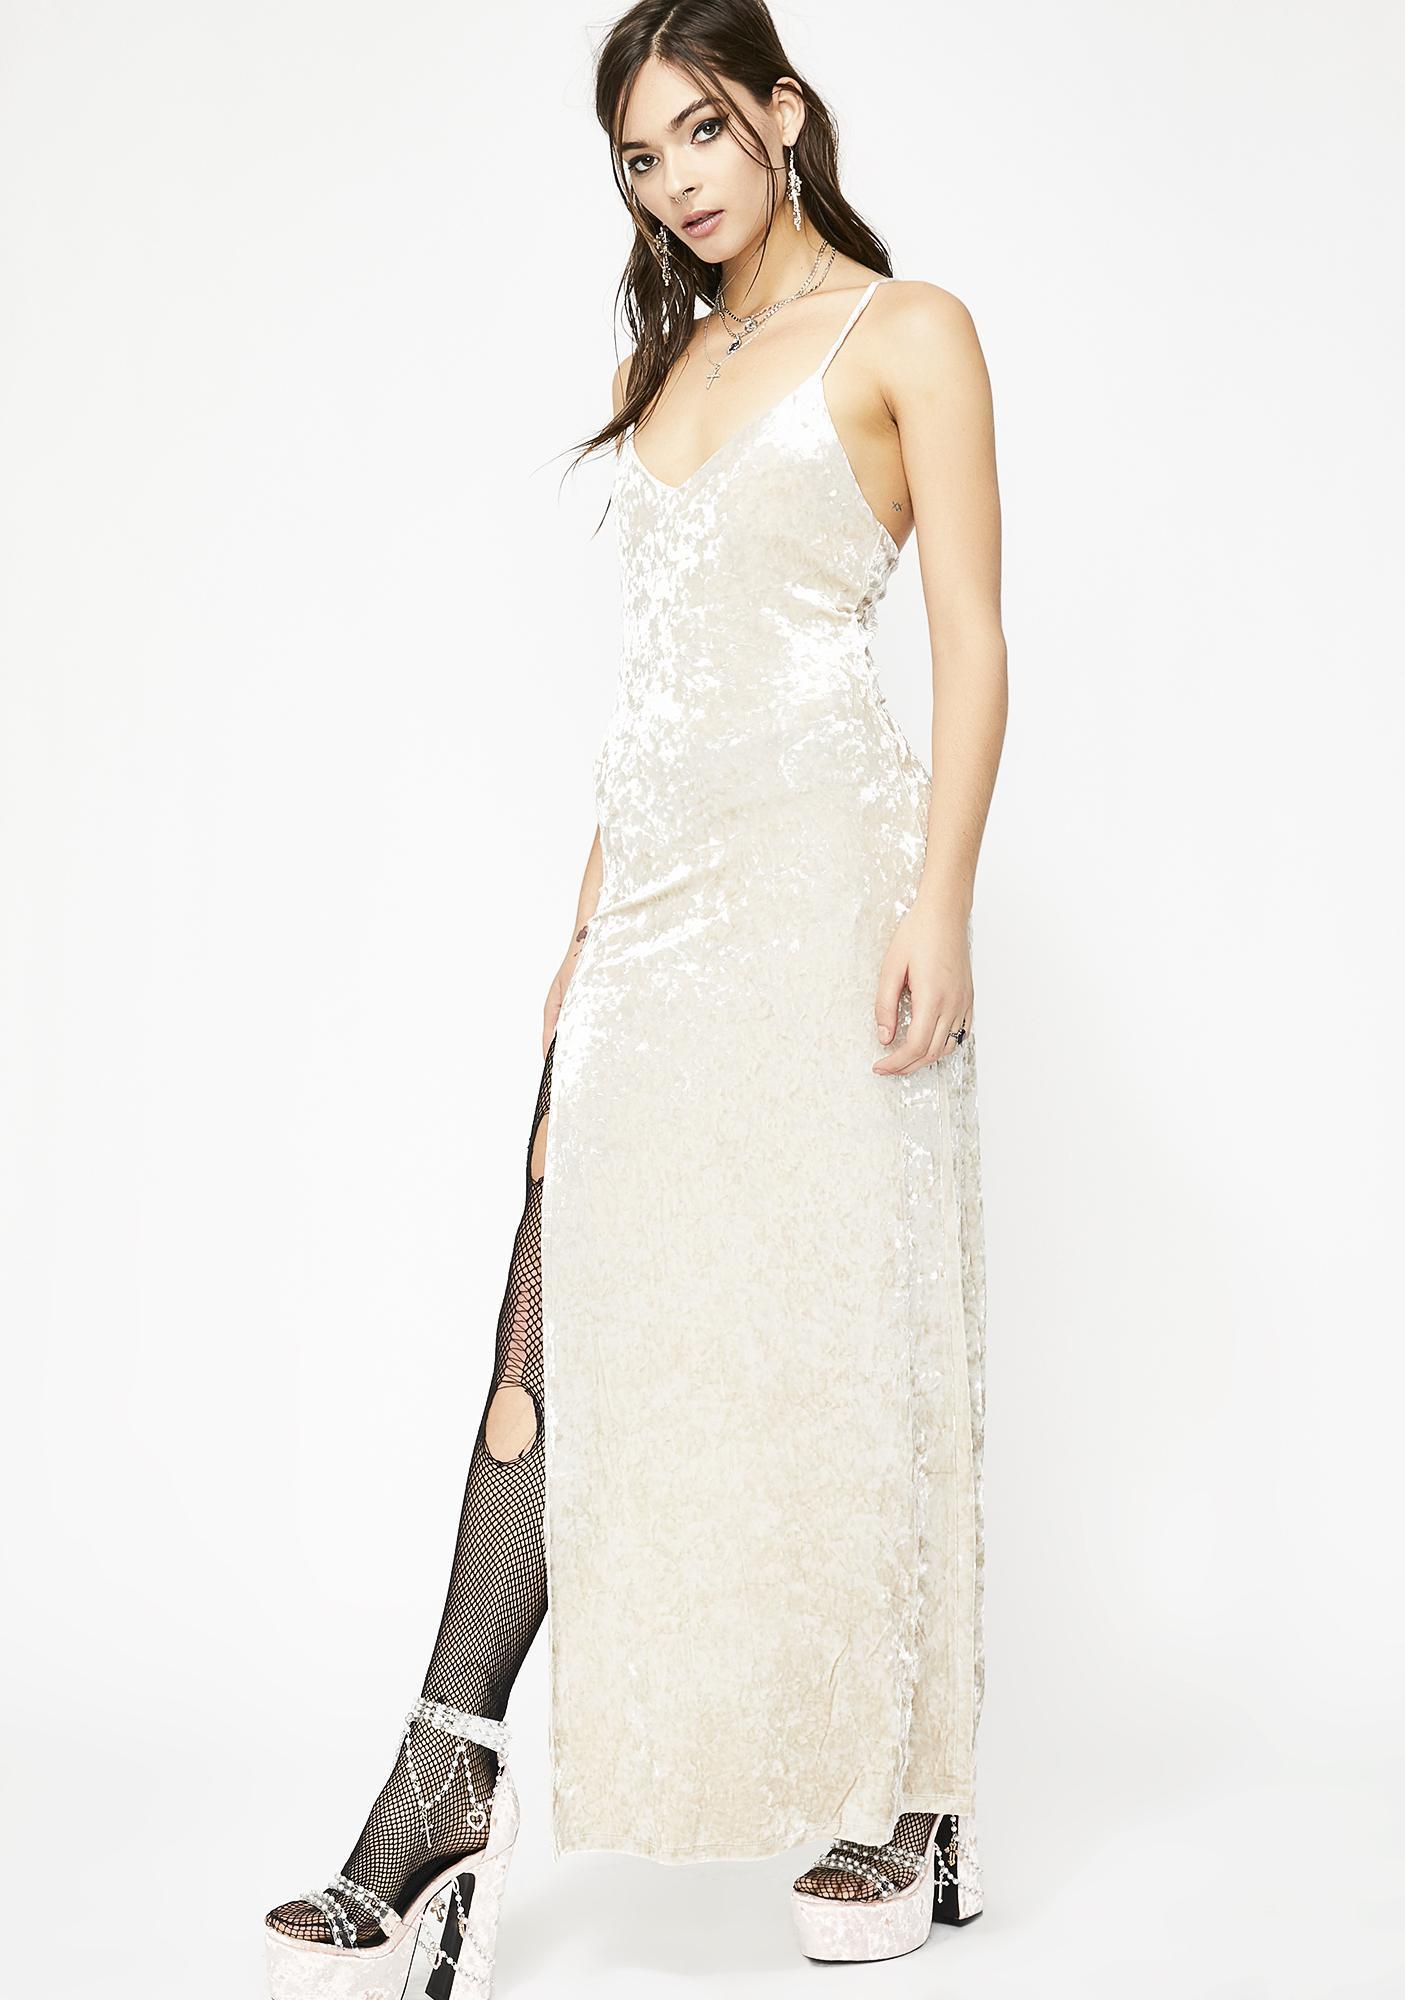 Holy Crushed Desires Velvet Maxi Dress